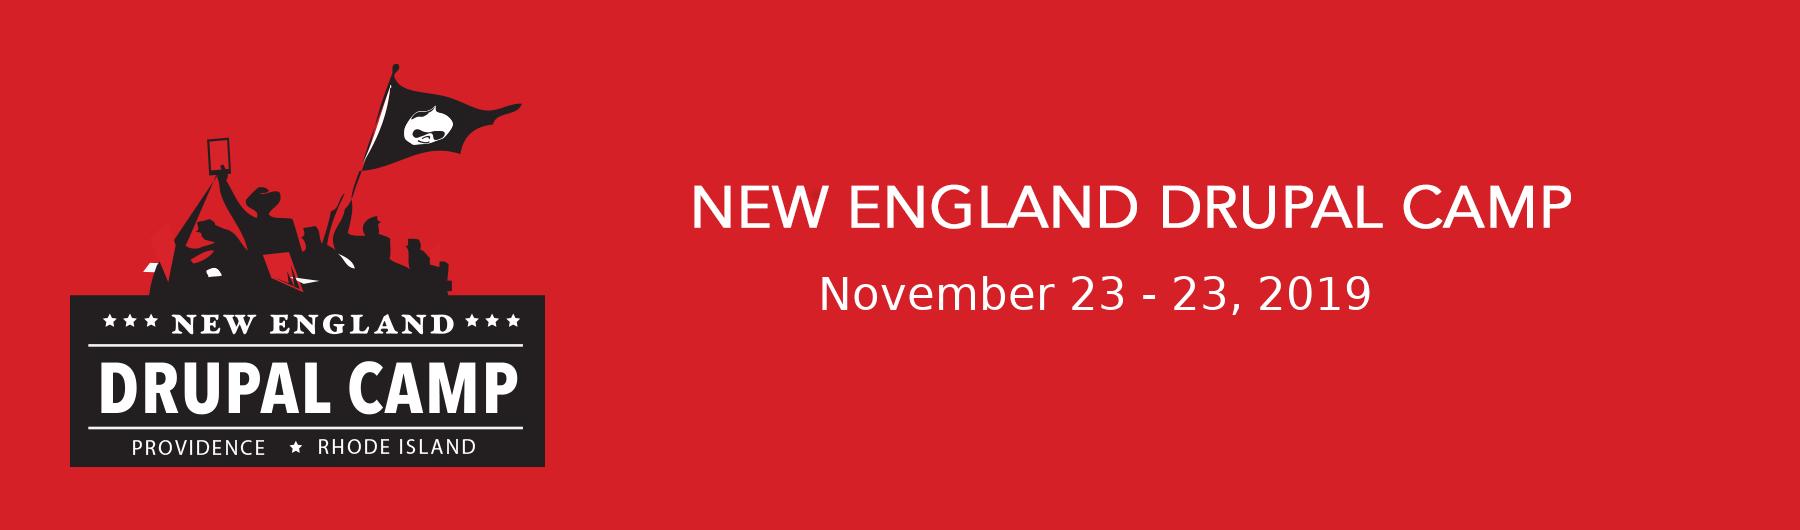 New England Drupal Camp 2019 Sponsorships